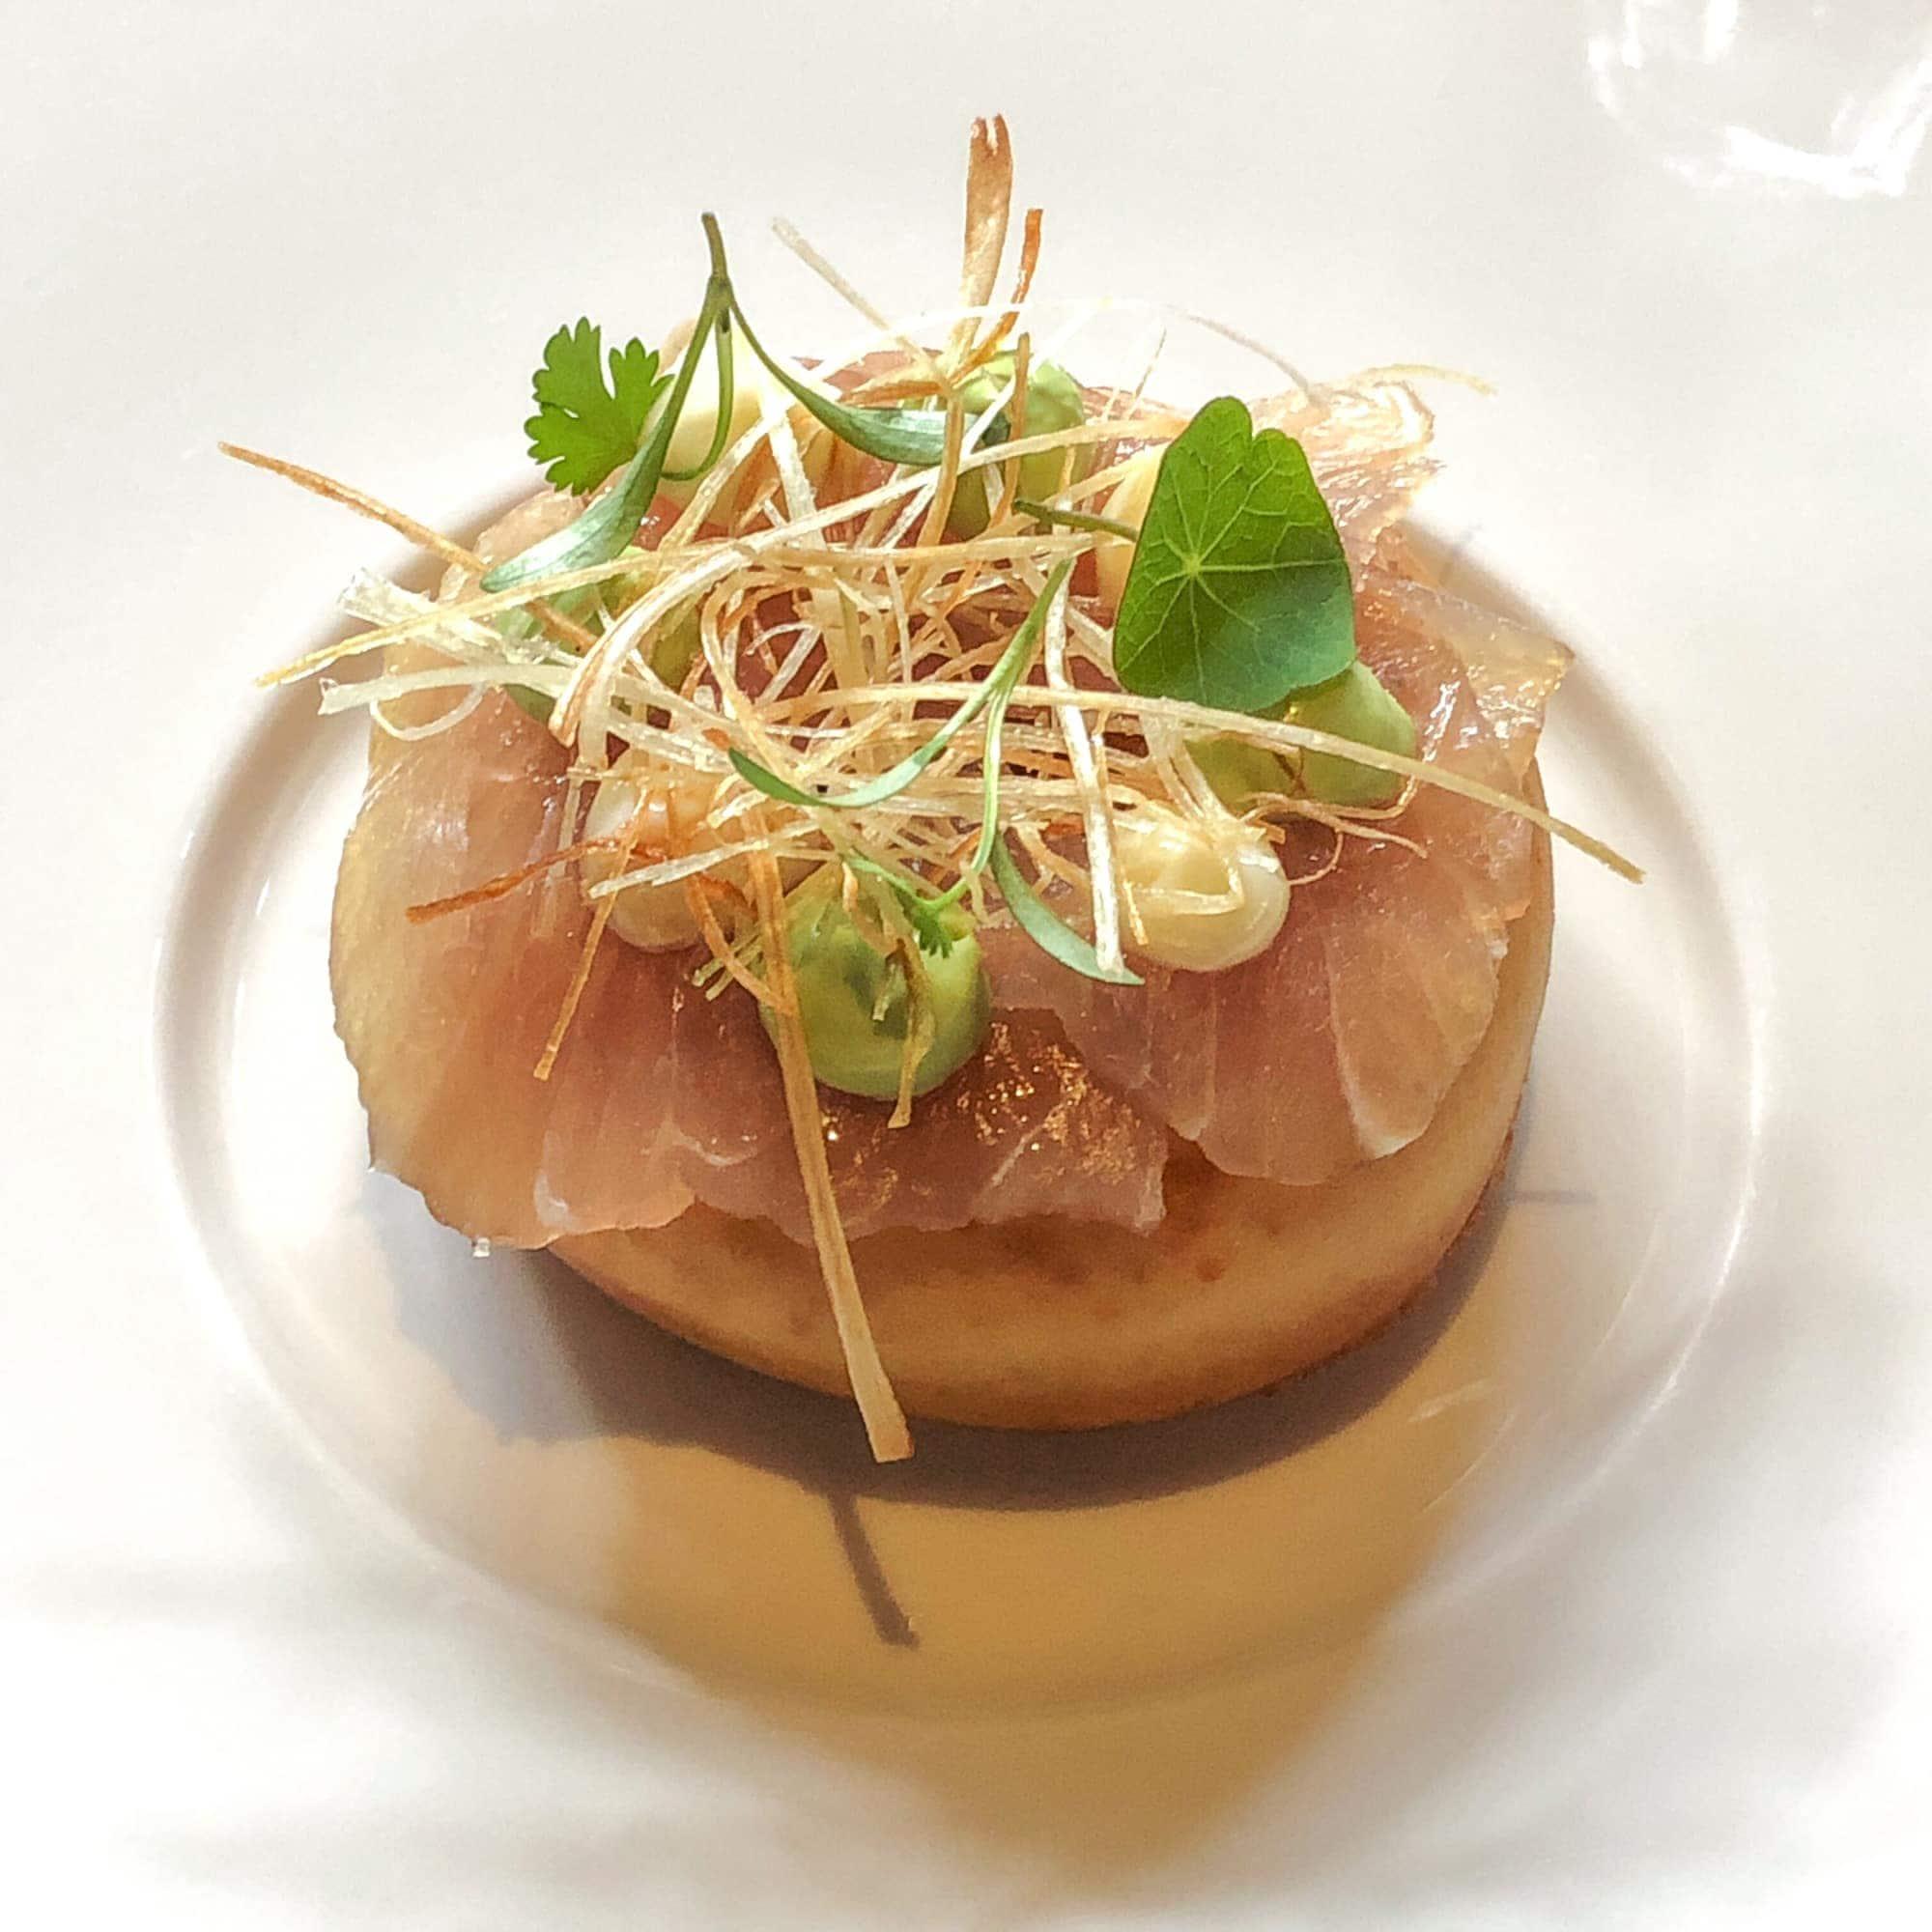 Marlin donut